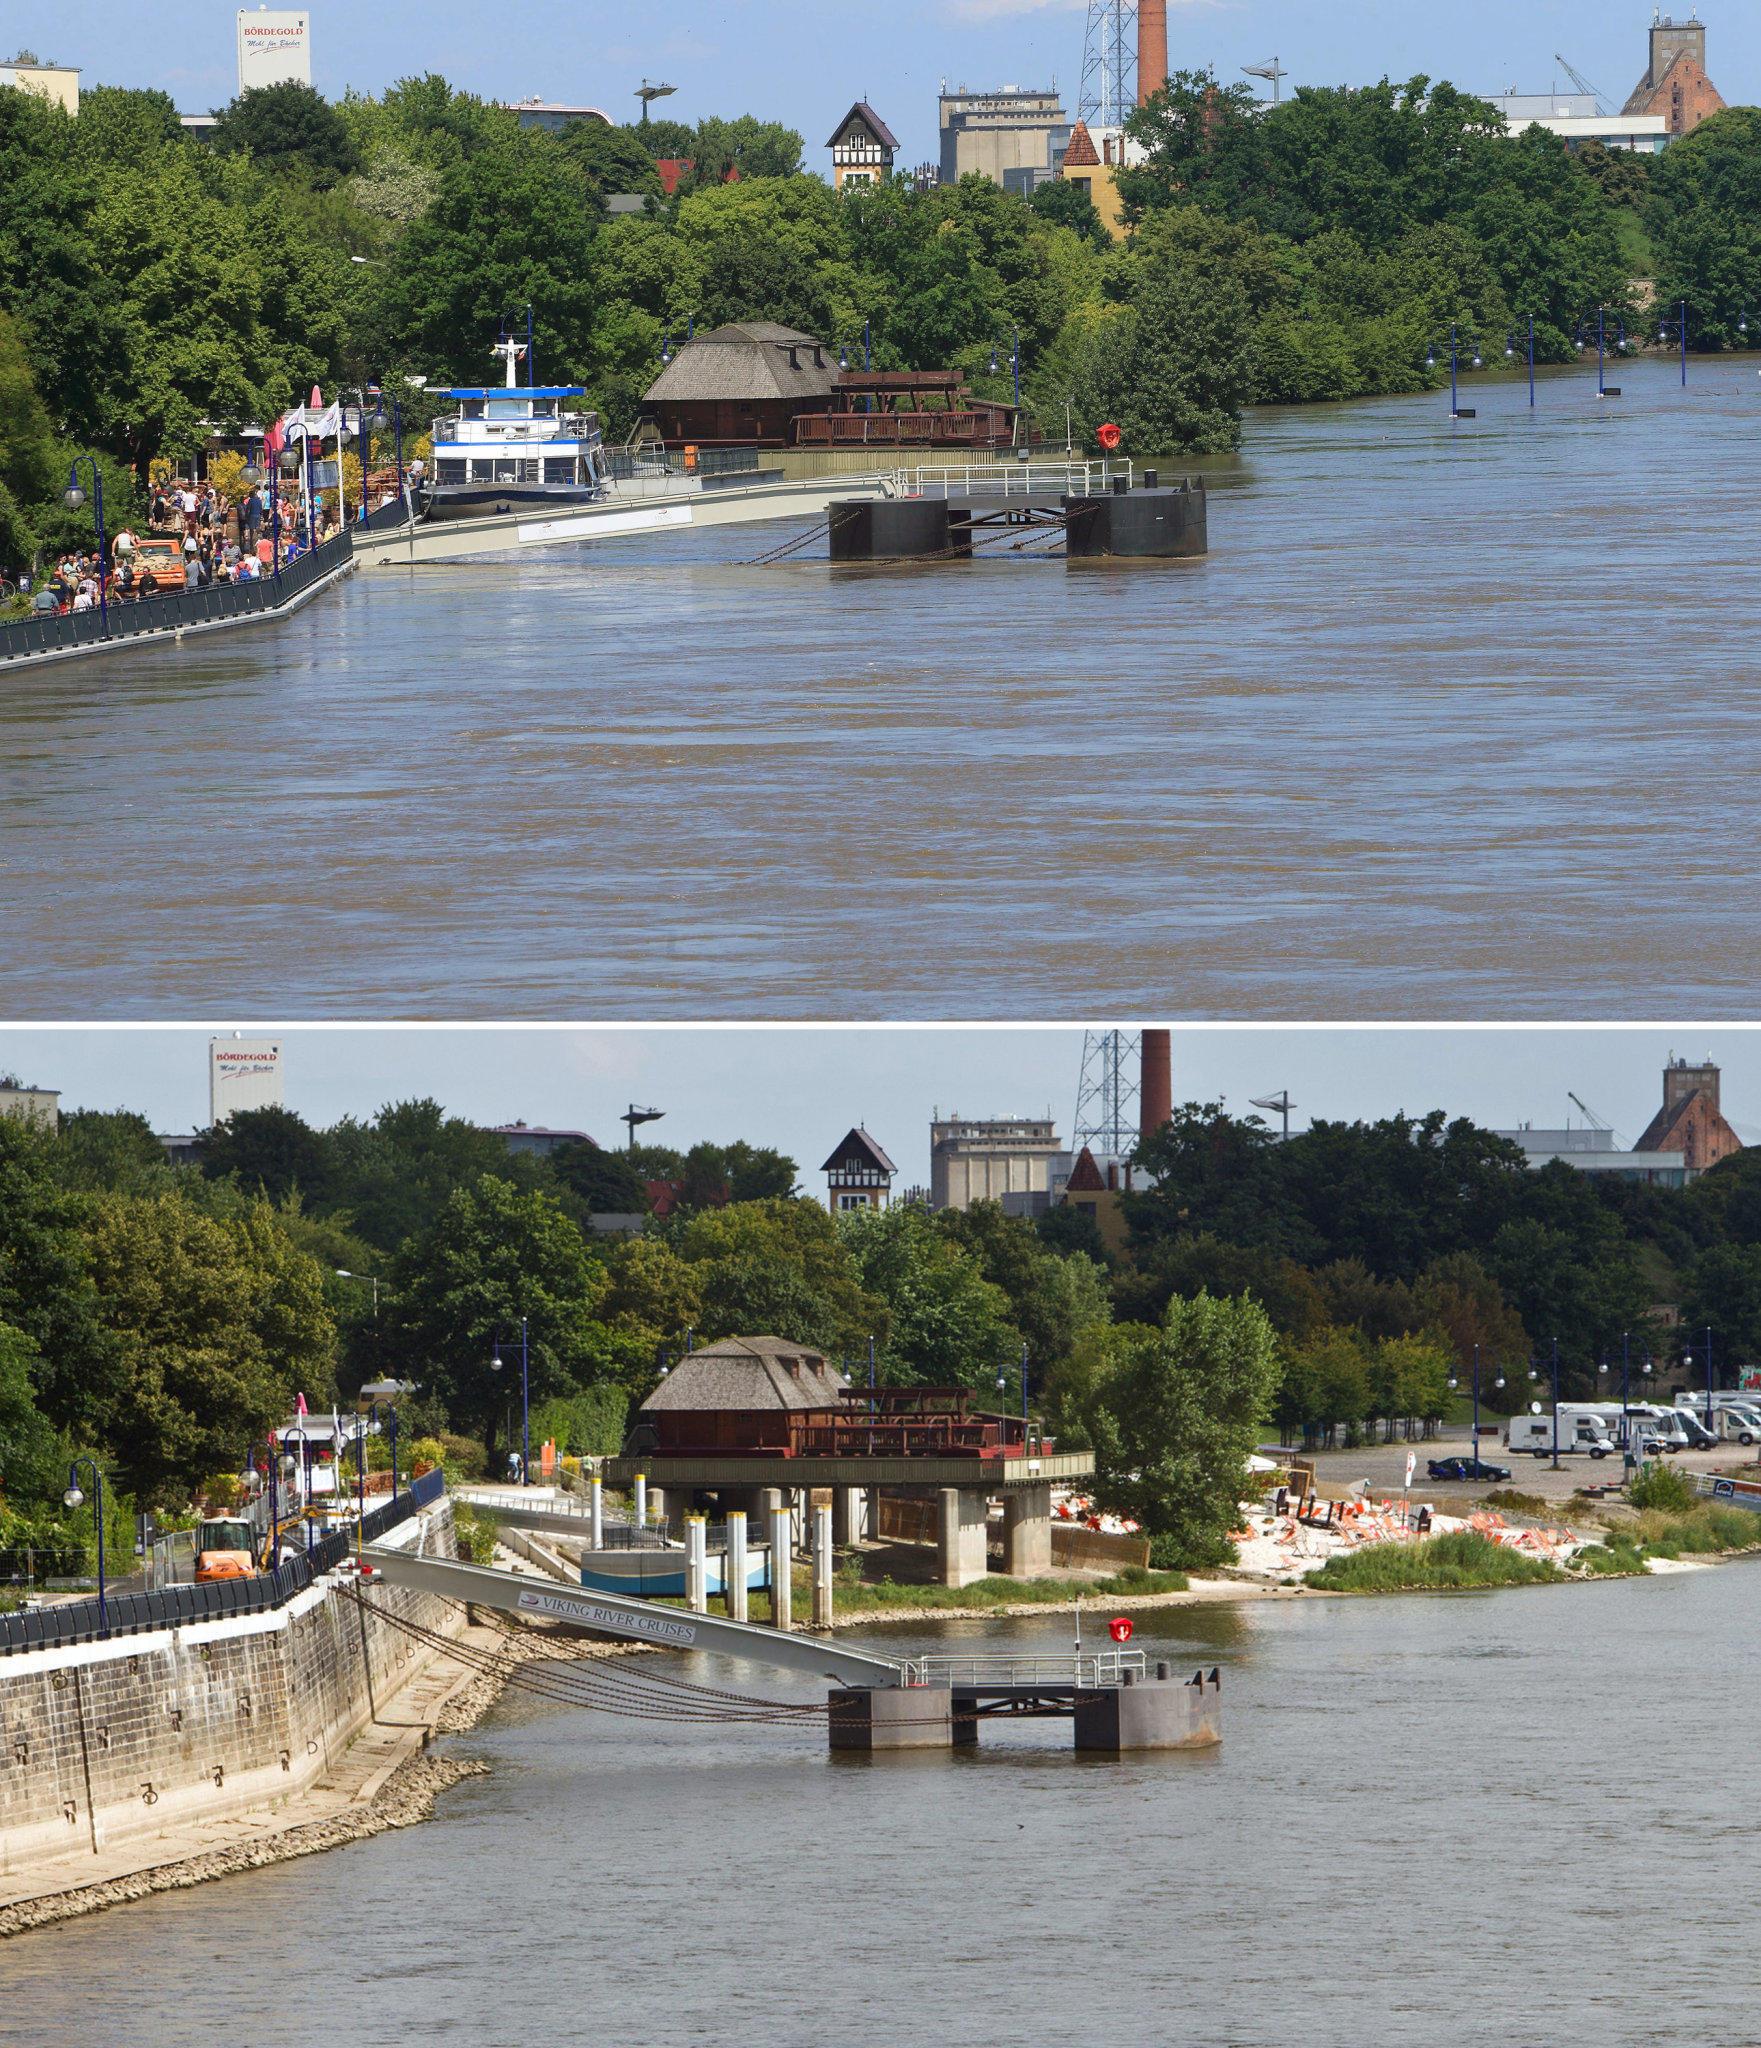 Der Vorher Nachher Vergleich Die Folgen des Hochwassers in Bildern